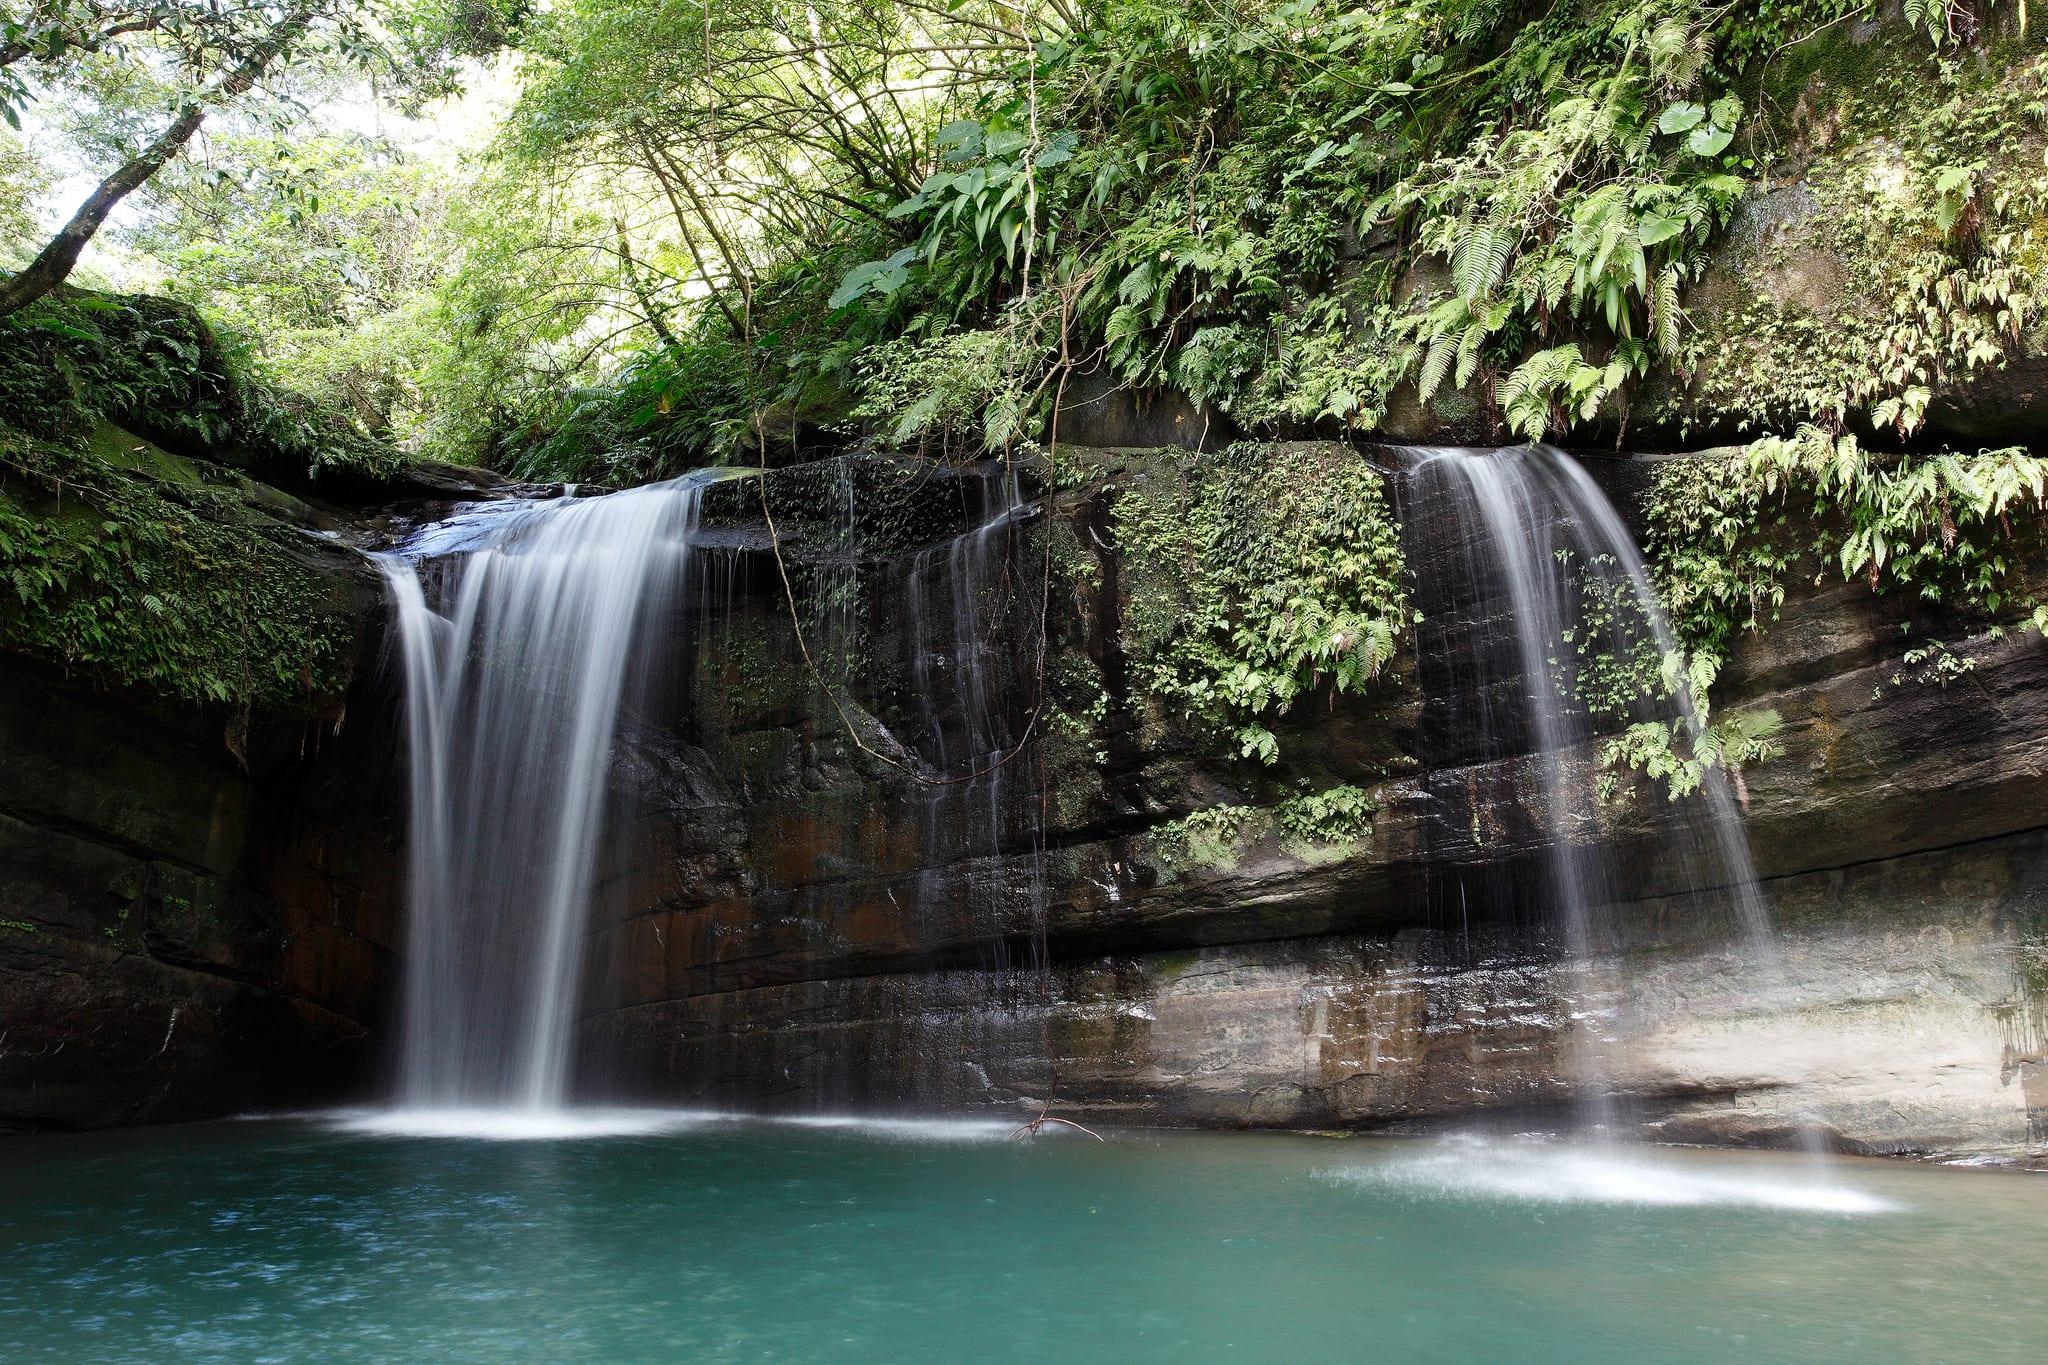 看著望谷瀑布的潺潺流水,心情療癒又放鬆。(Flickr授權作者-MiNe)